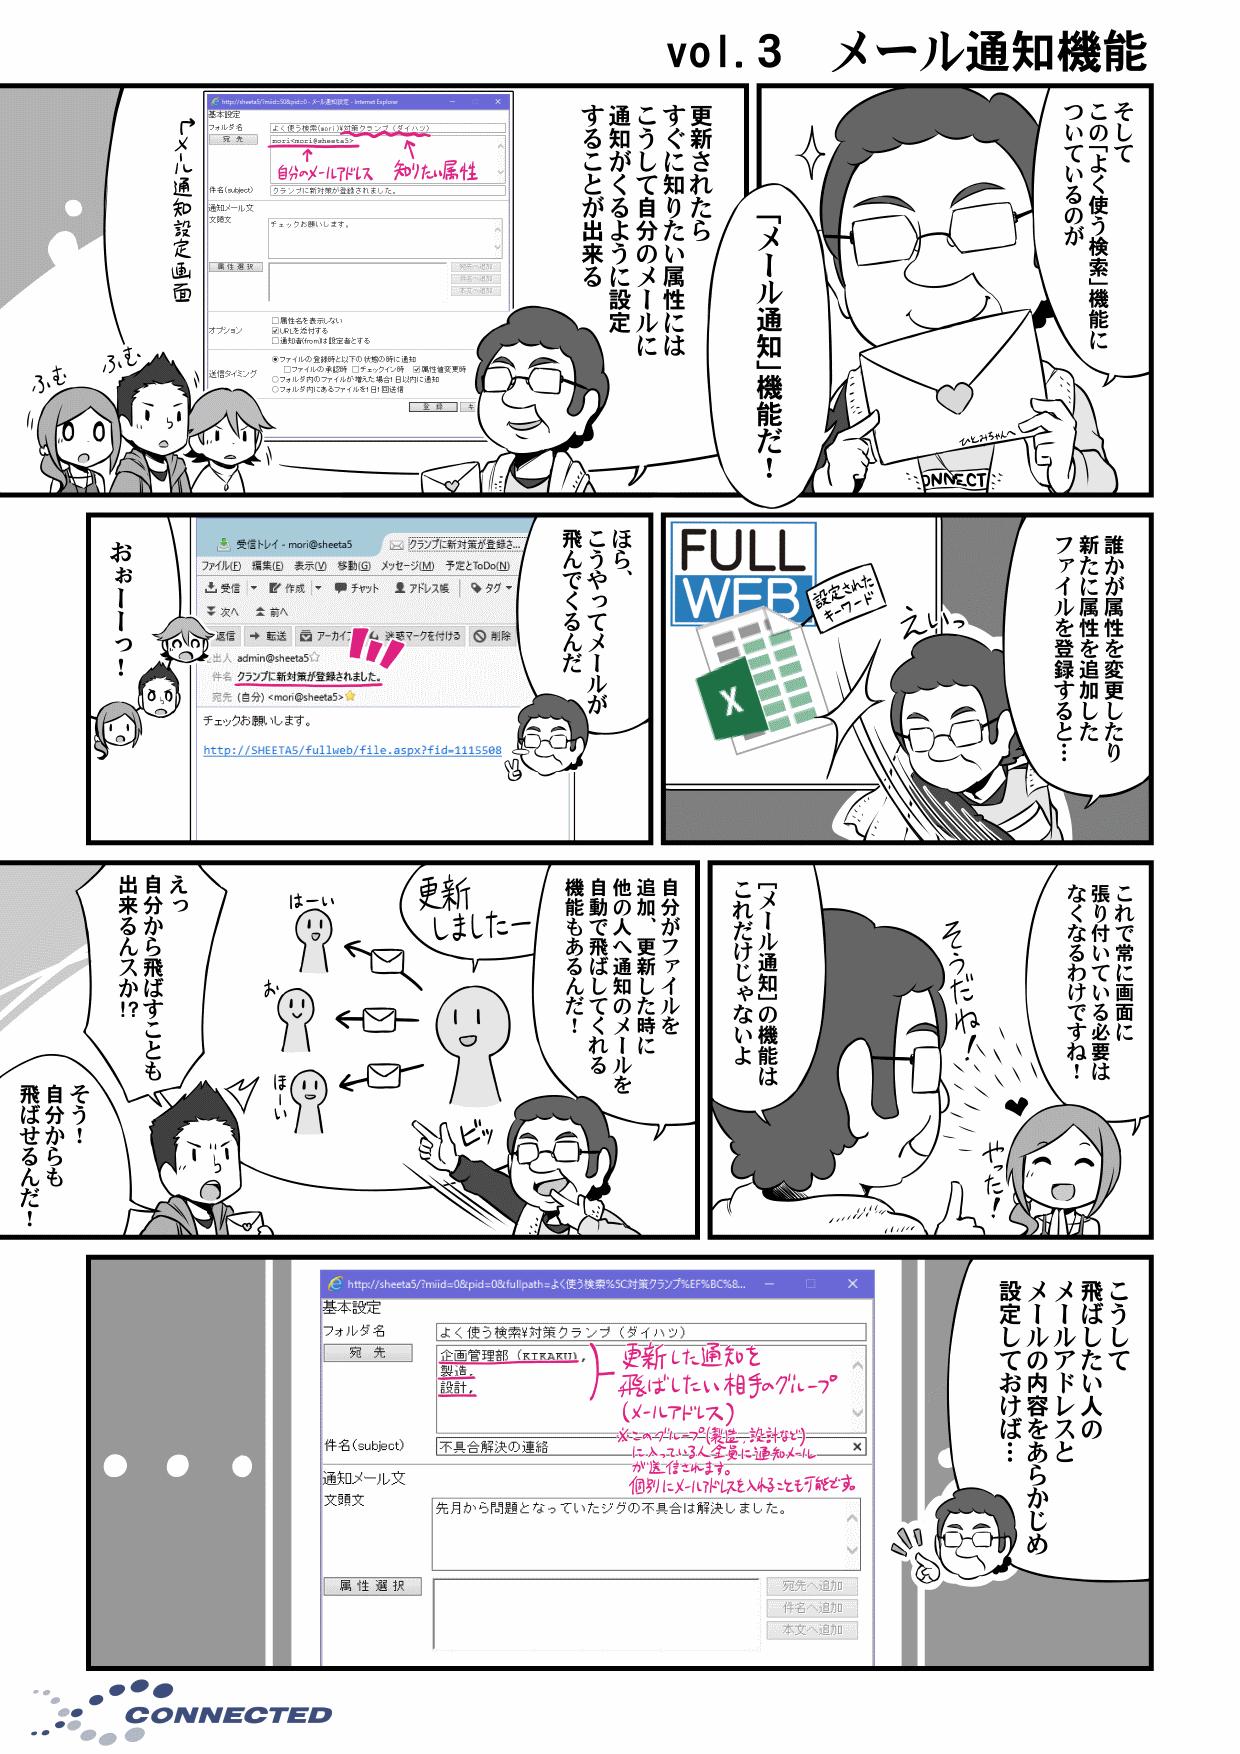 メール通知機能3